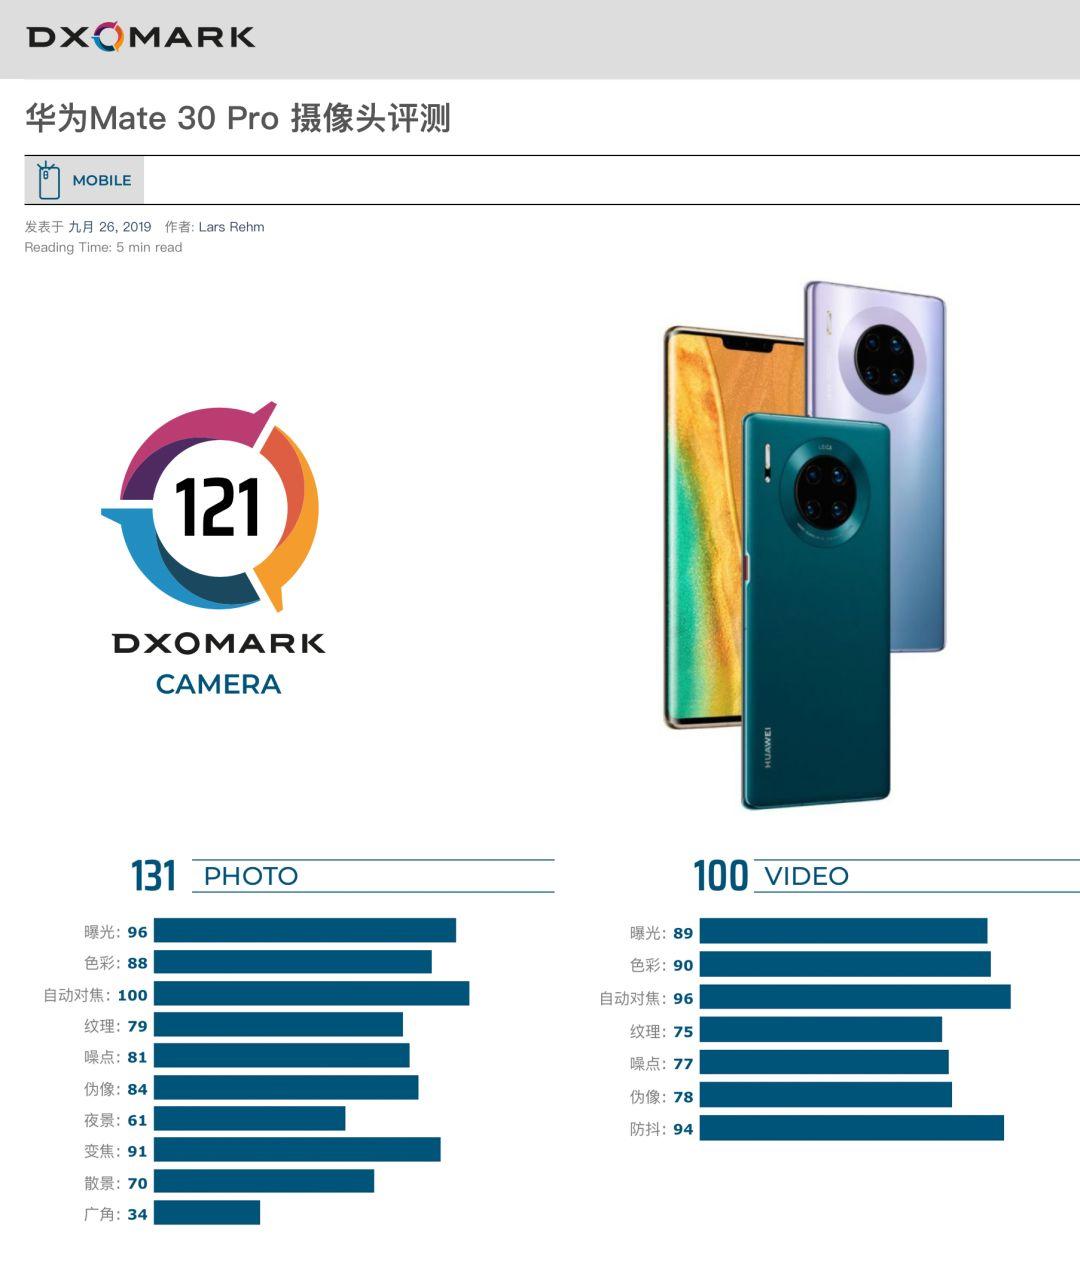 DXOMARK評分最高手機;索尼無藍幕虛擬訪談間……行業一周大事件